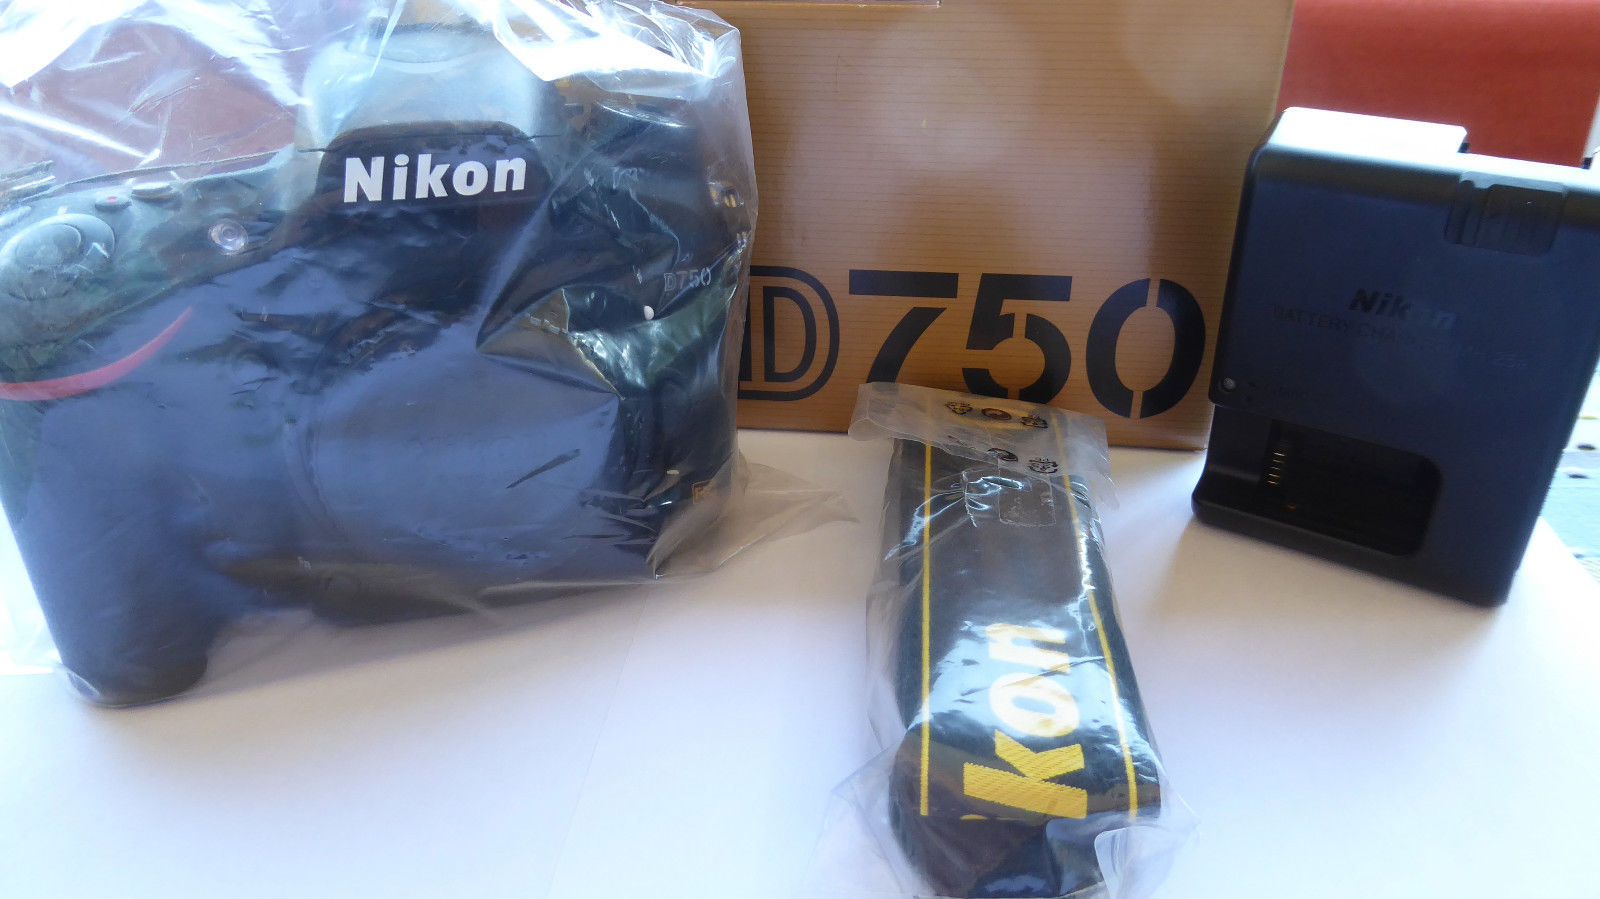 Nikon D750 - Schwarz (Nur Gehäuse)